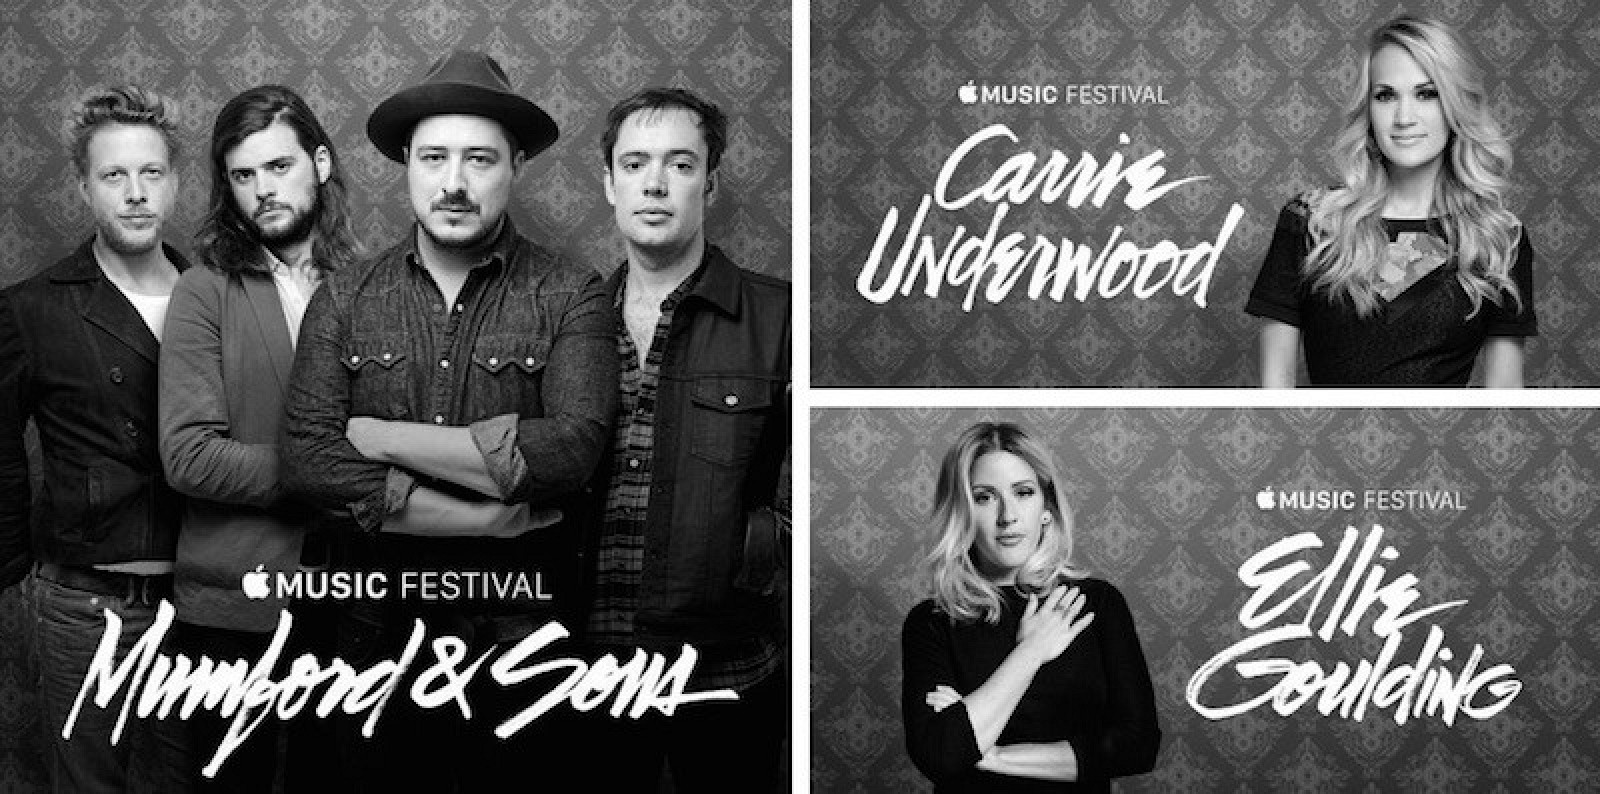 2015-Apple Music-Festival-Ellie Goulding-